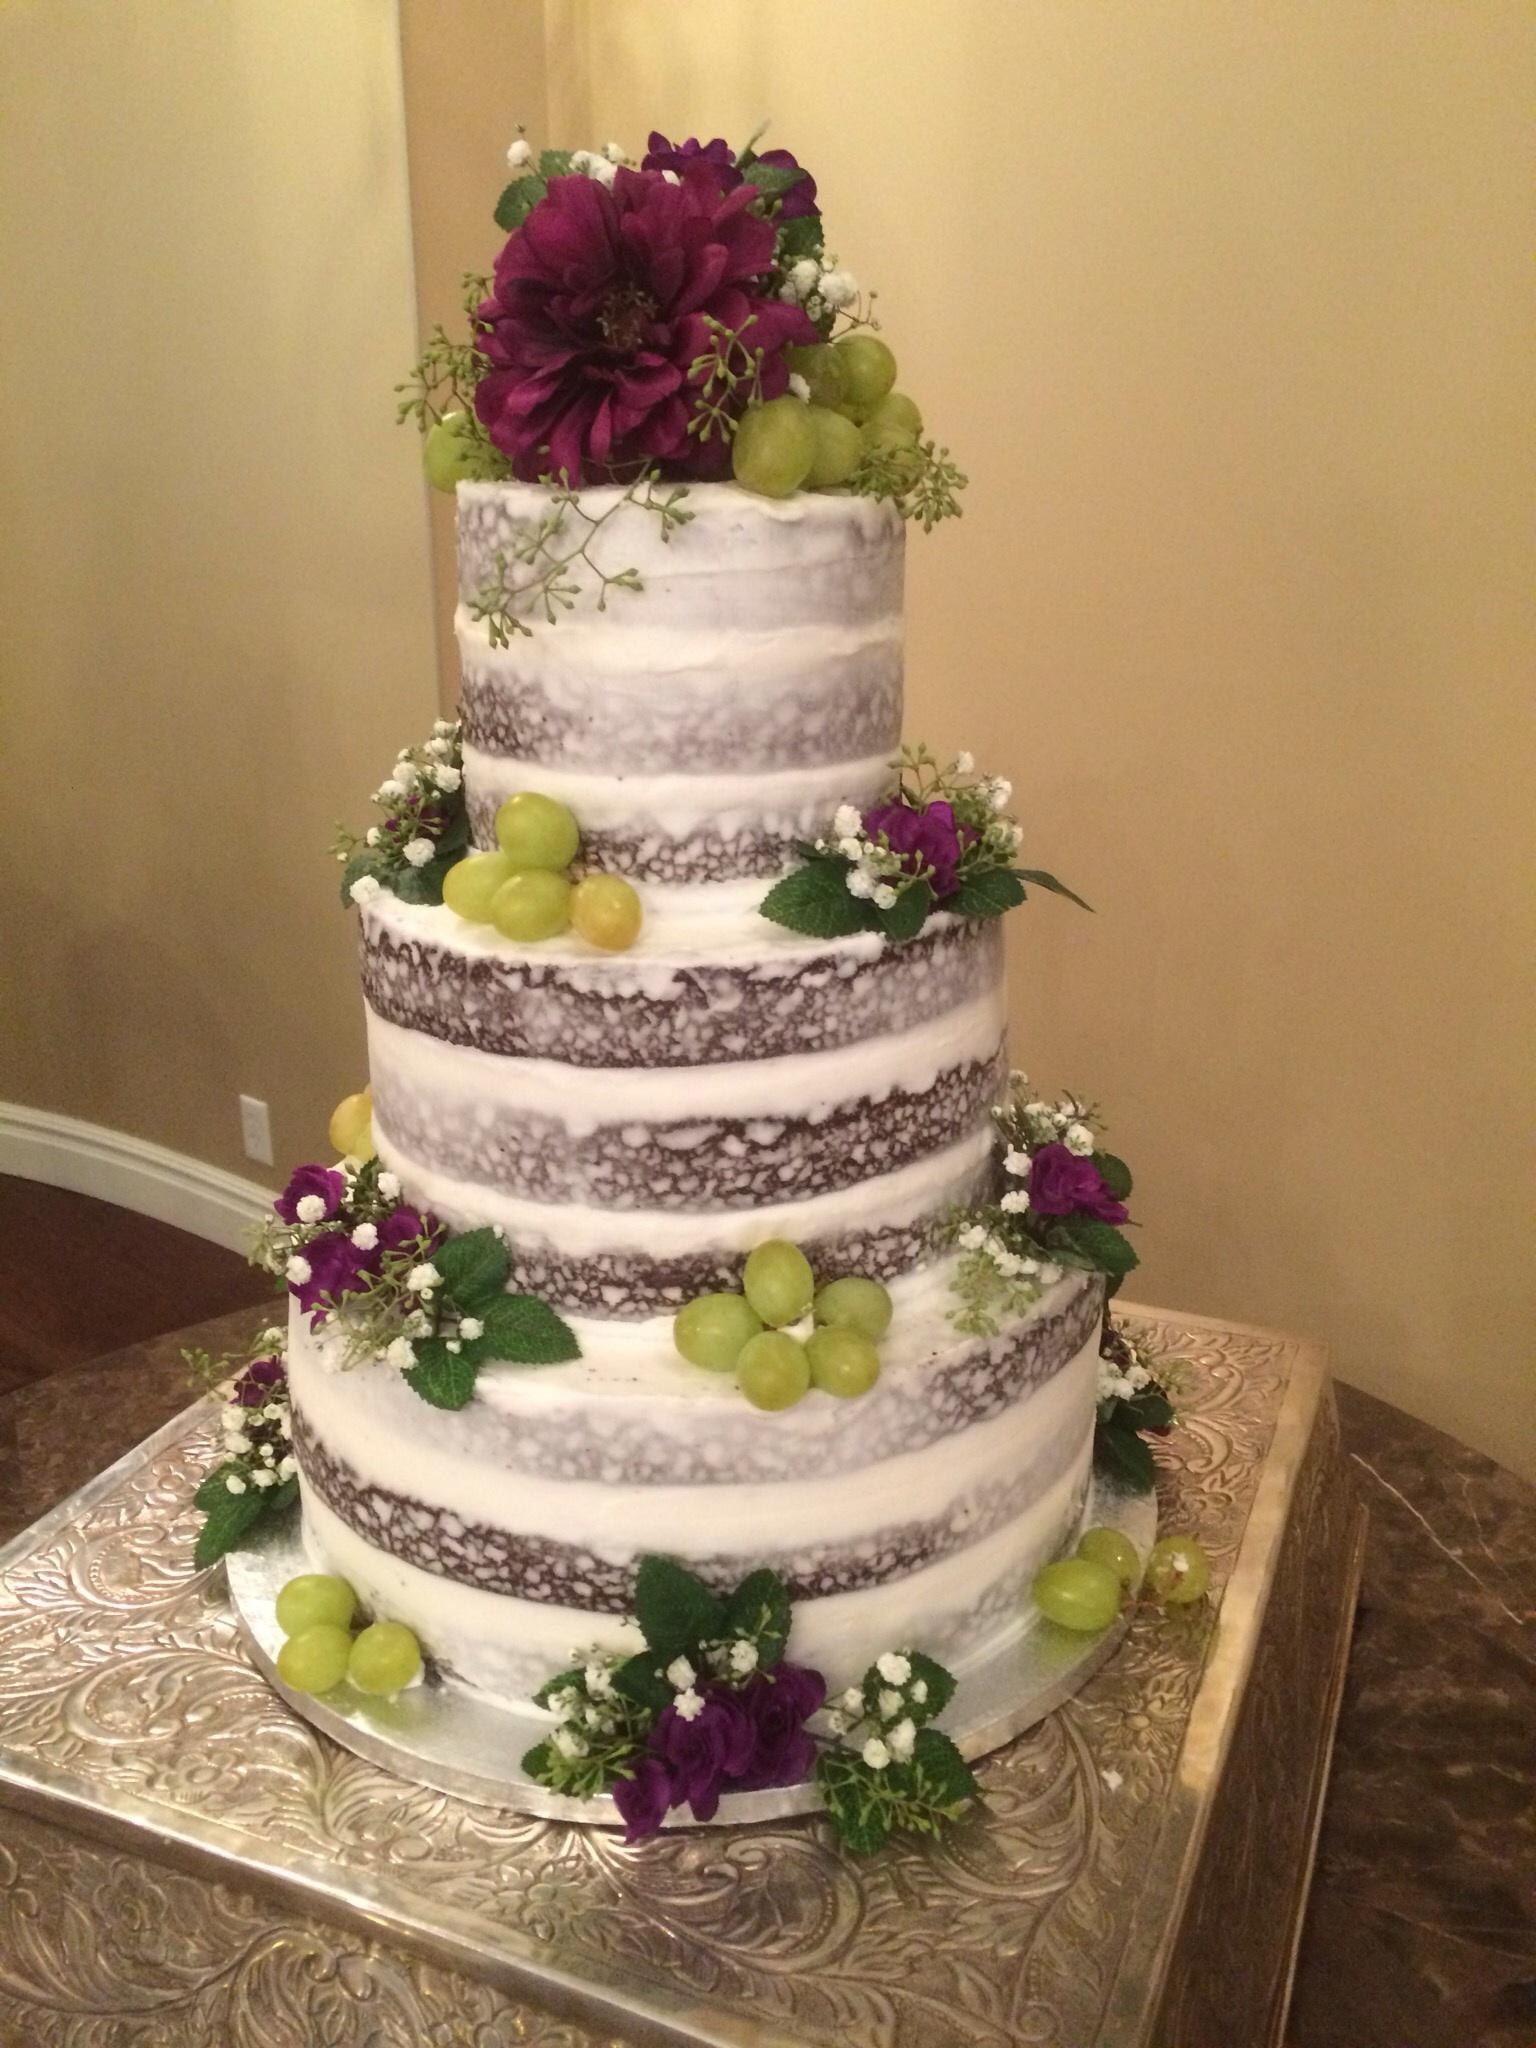 Naked cake and fruit